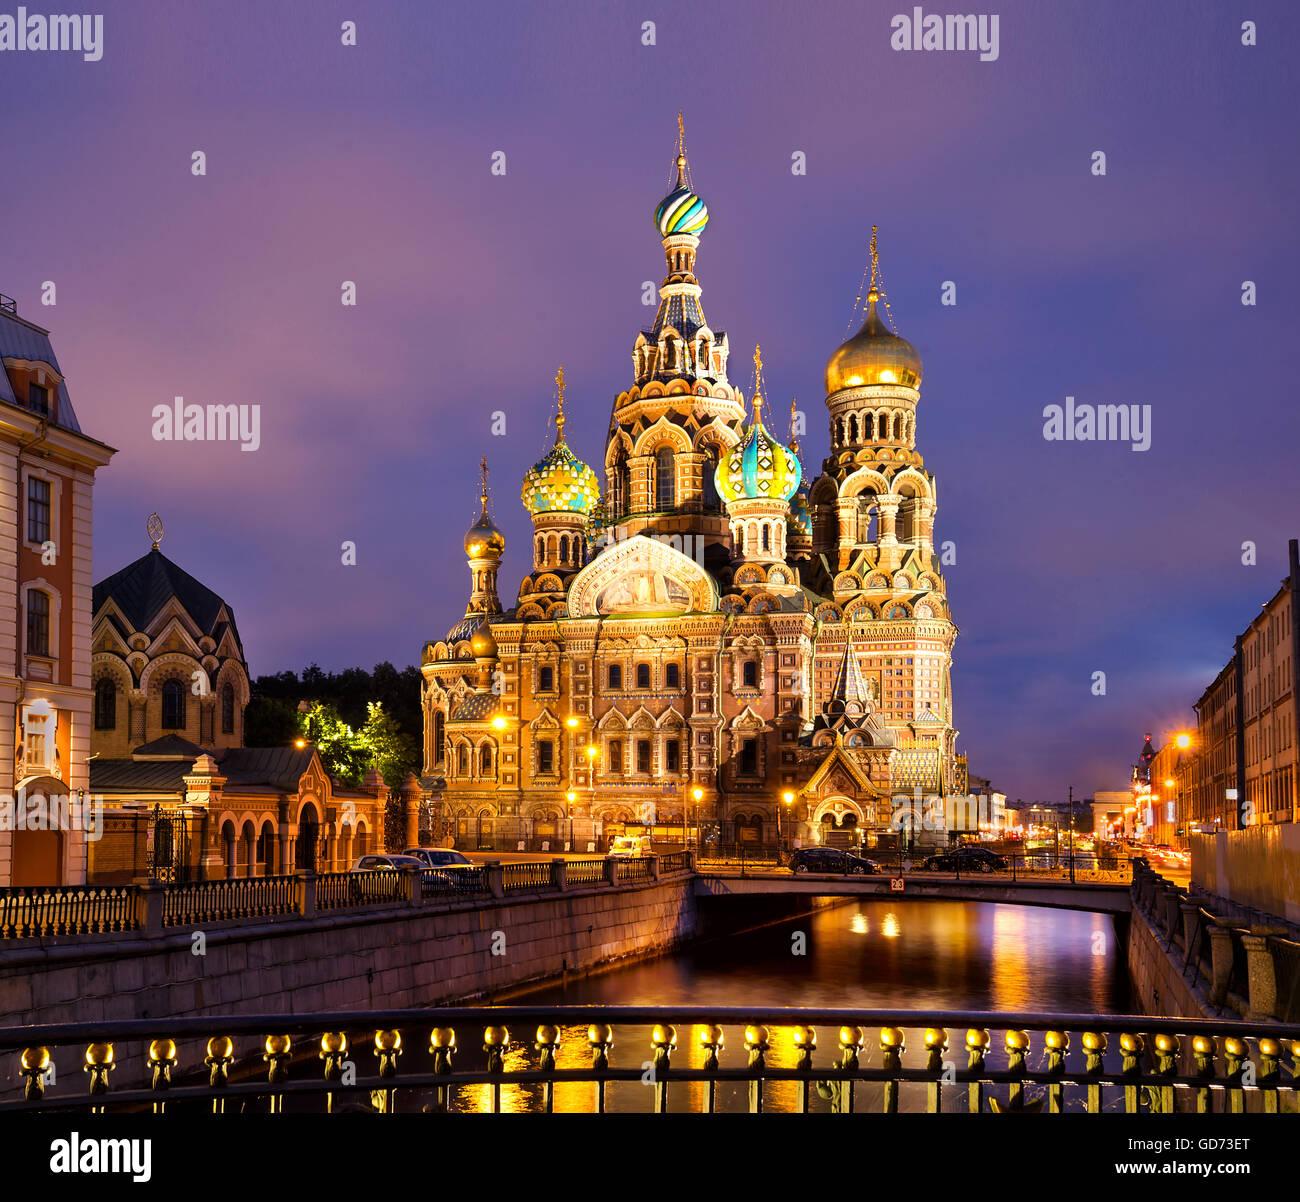 Cathédrale du Sauveur sur le Sang Versé à Saint-Pétersbourg, en Russie. Photo Stock